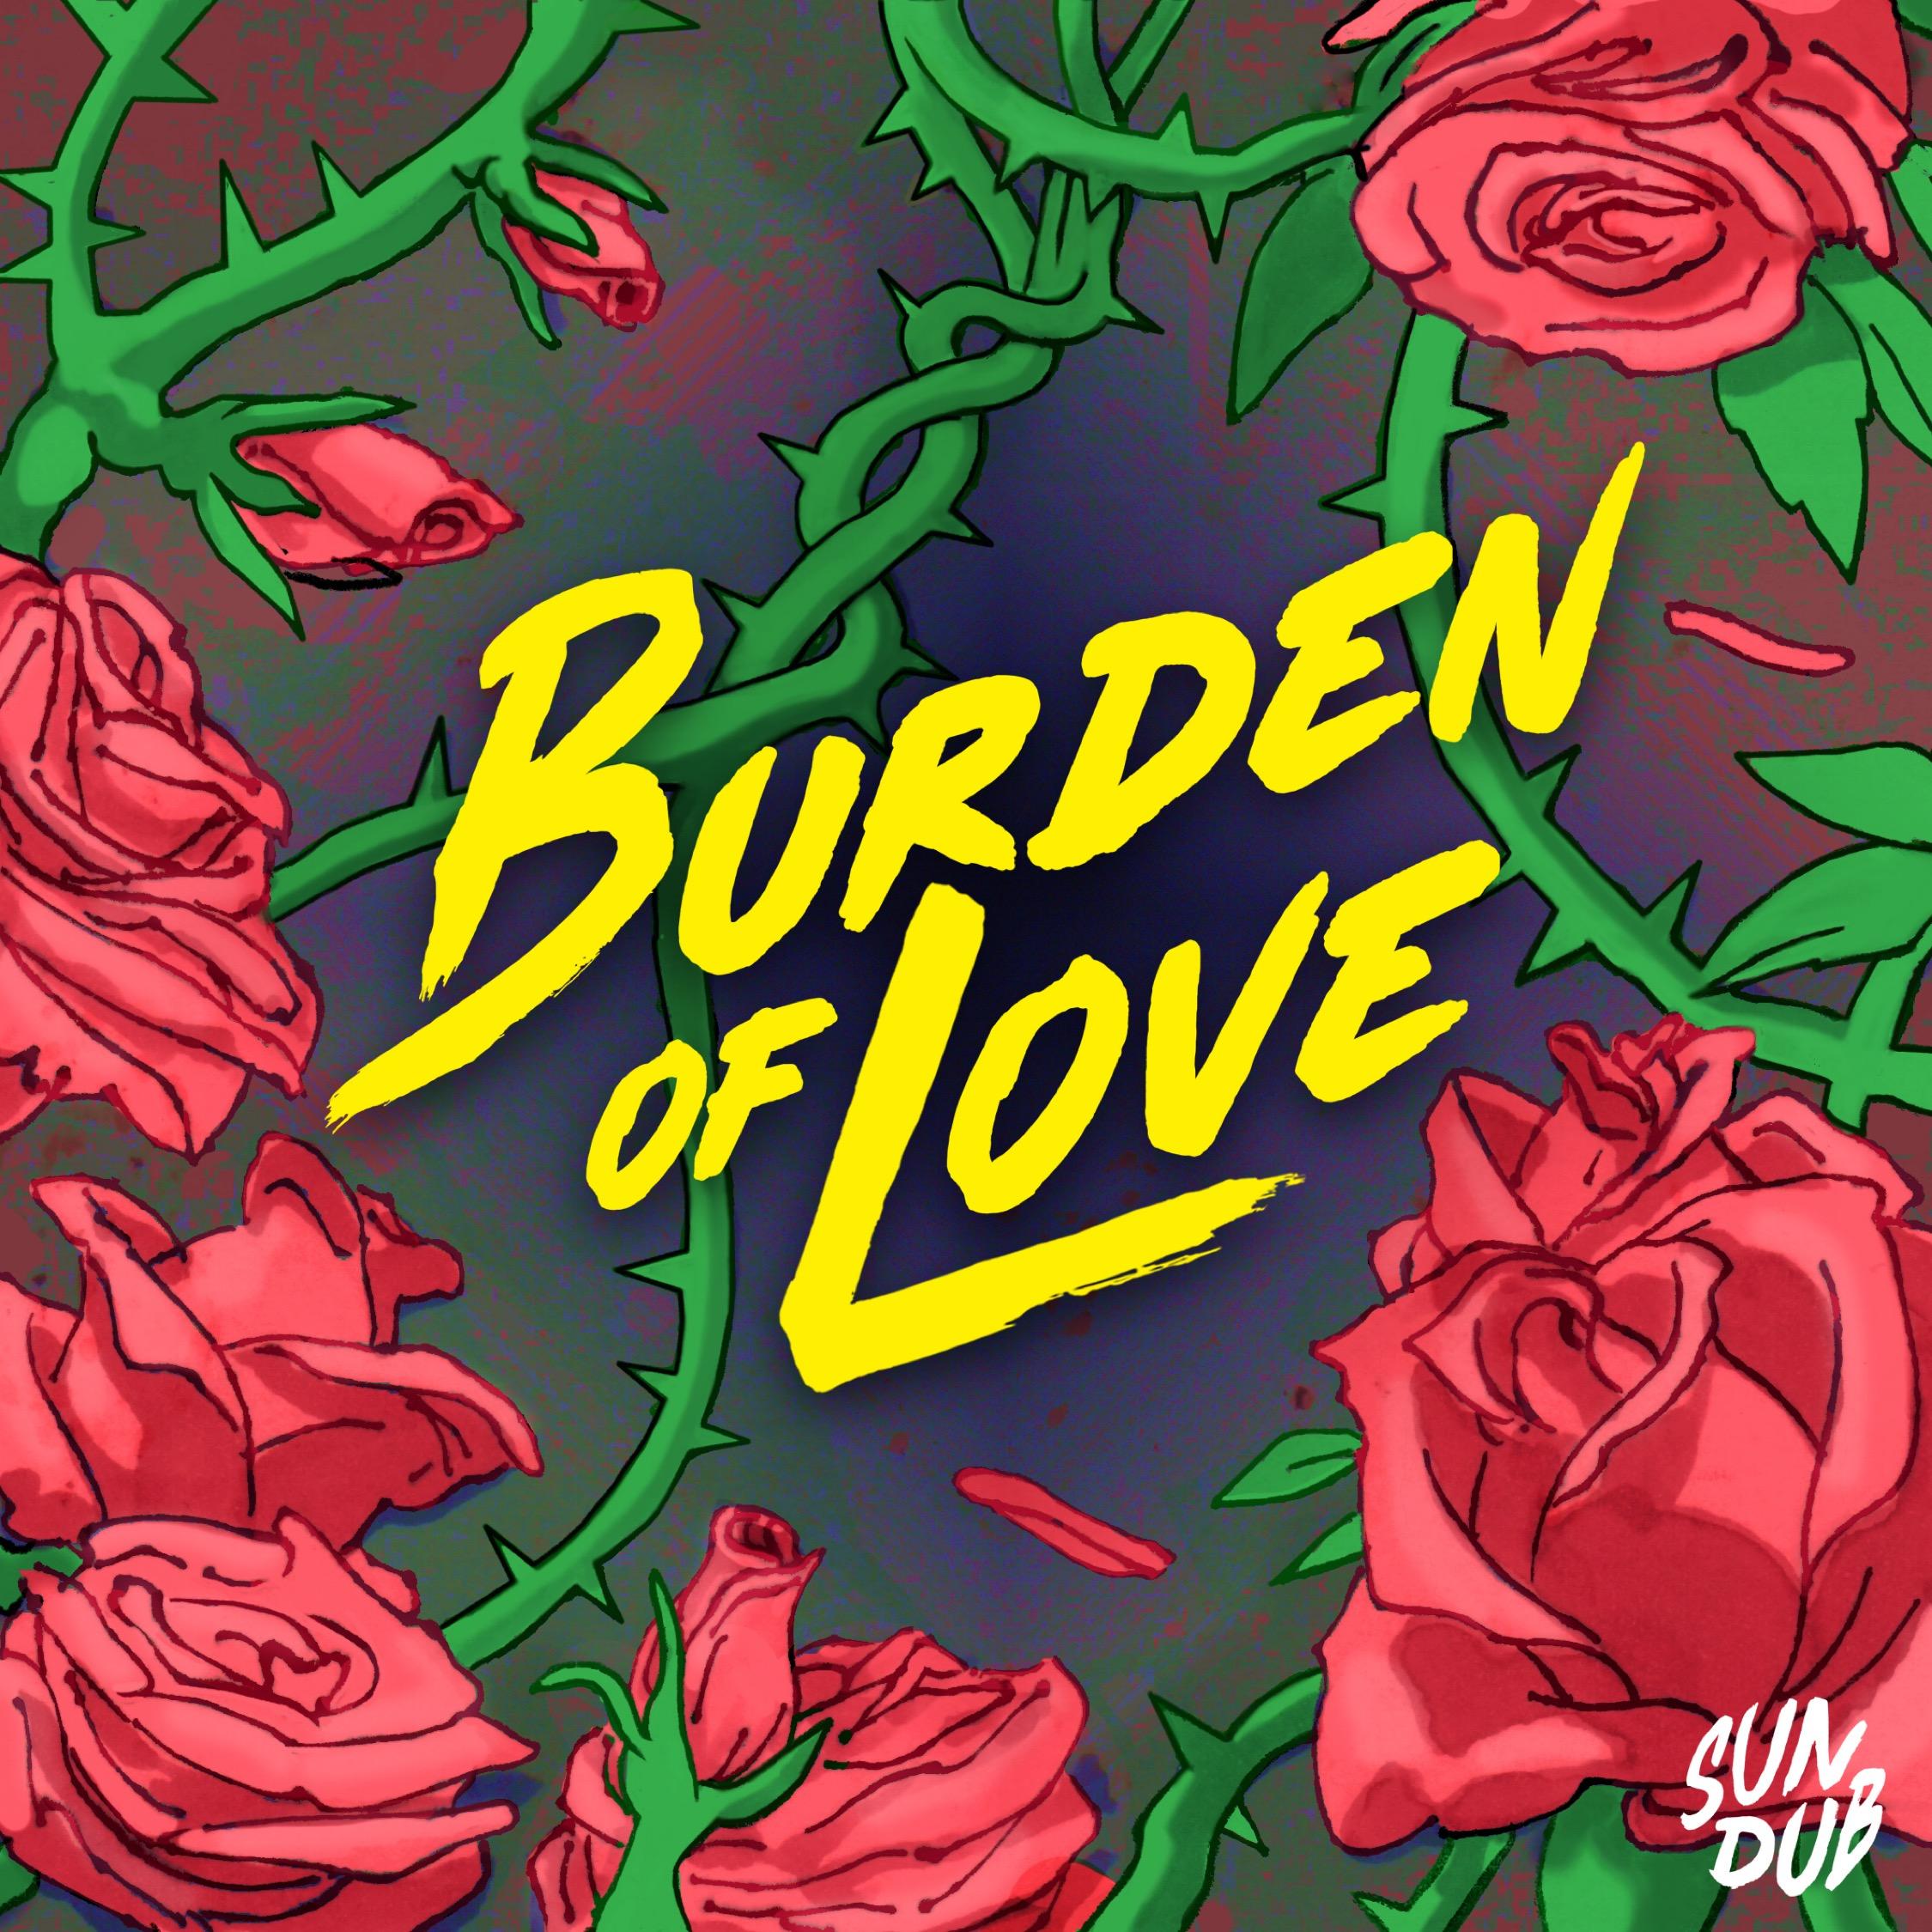 """SUNDUB - """"Burden of Love"""" (single)"""